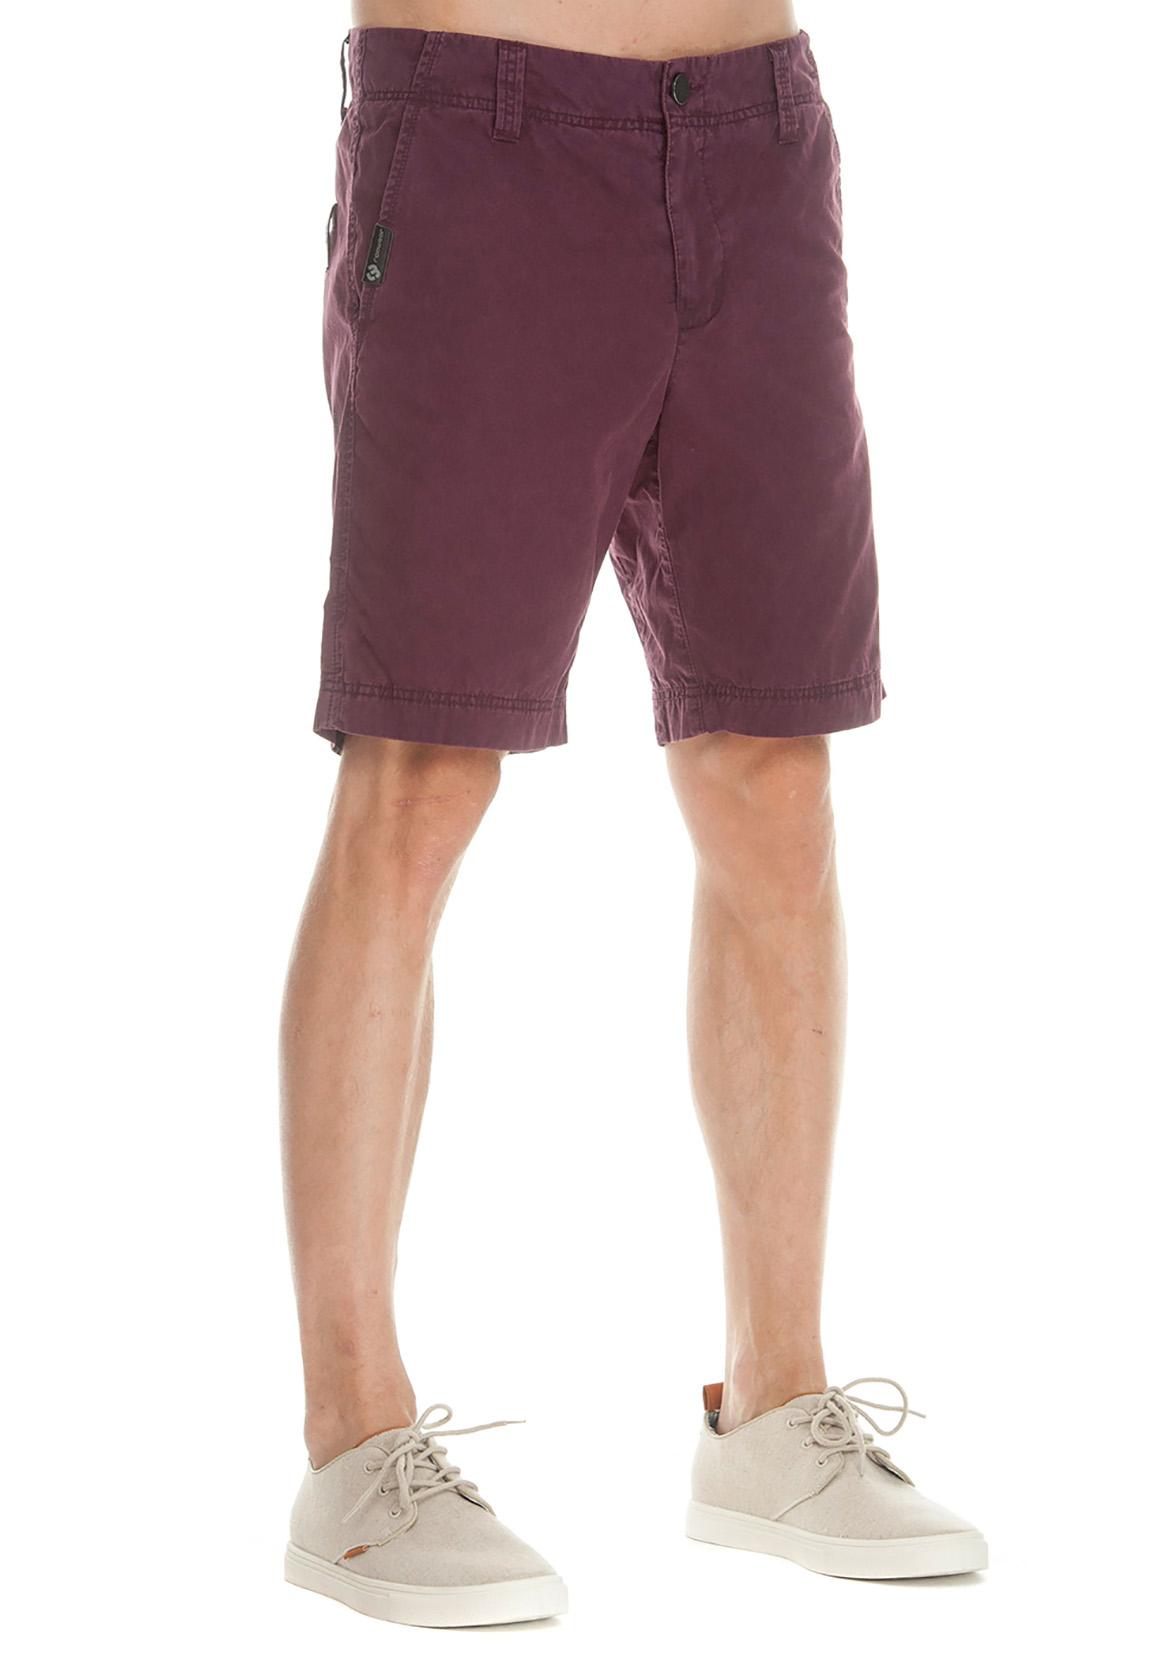 Ragwear Shorts Herren KAREL TINT 1912-50002 Dunkelrot Wine Red 4055